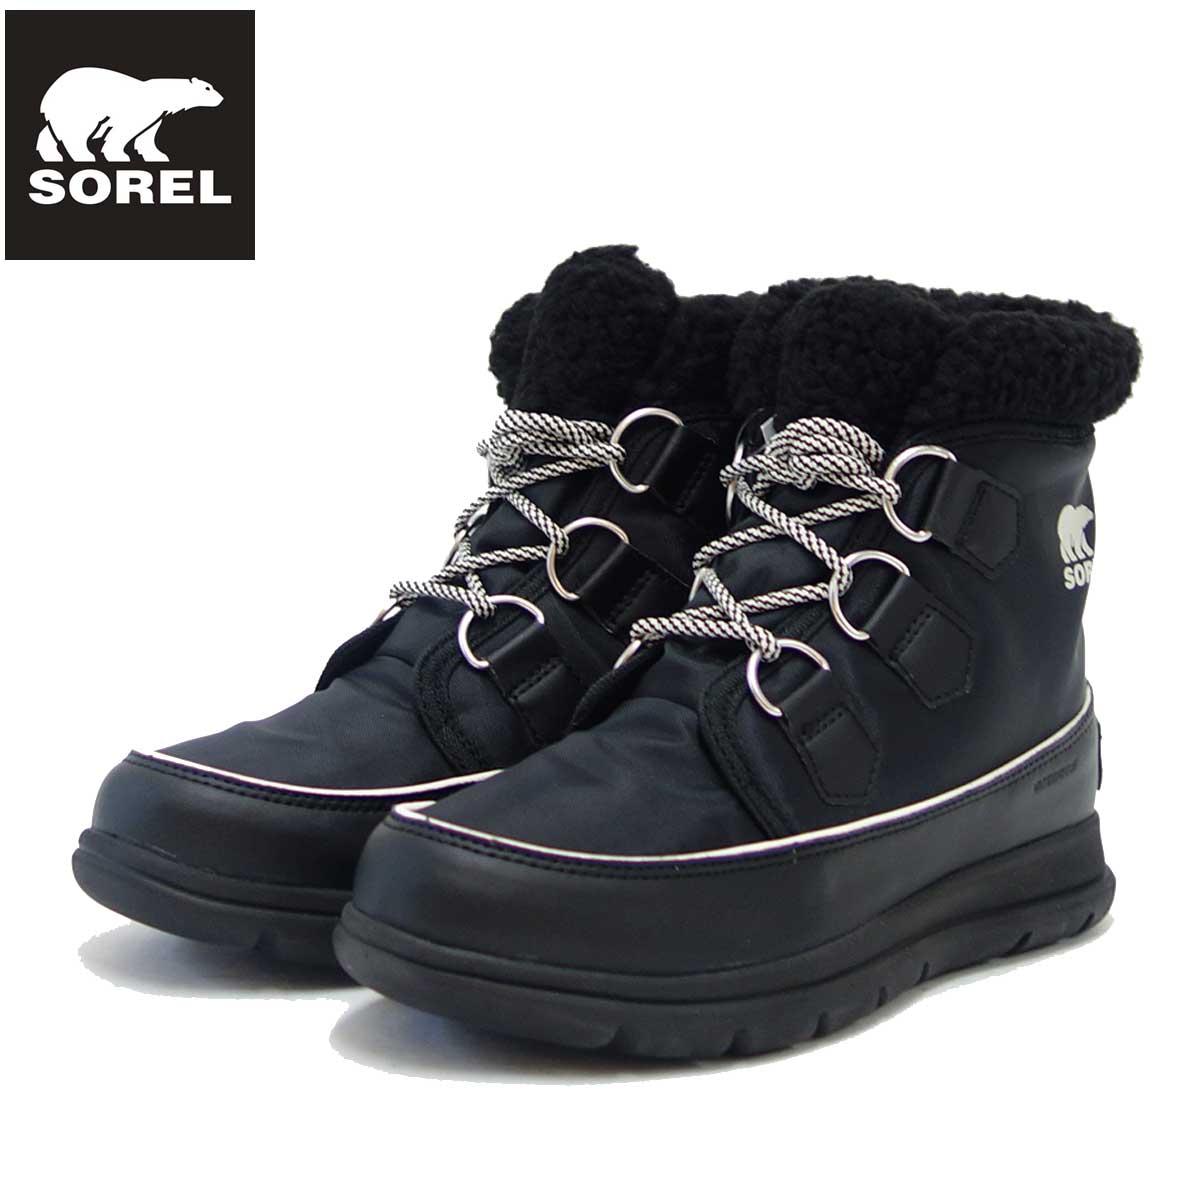 ソレル SOREL NL 3040(レディース) エクスプローラーカーニバル:Black (010) 防水・軽量ショートブーツ「靴」